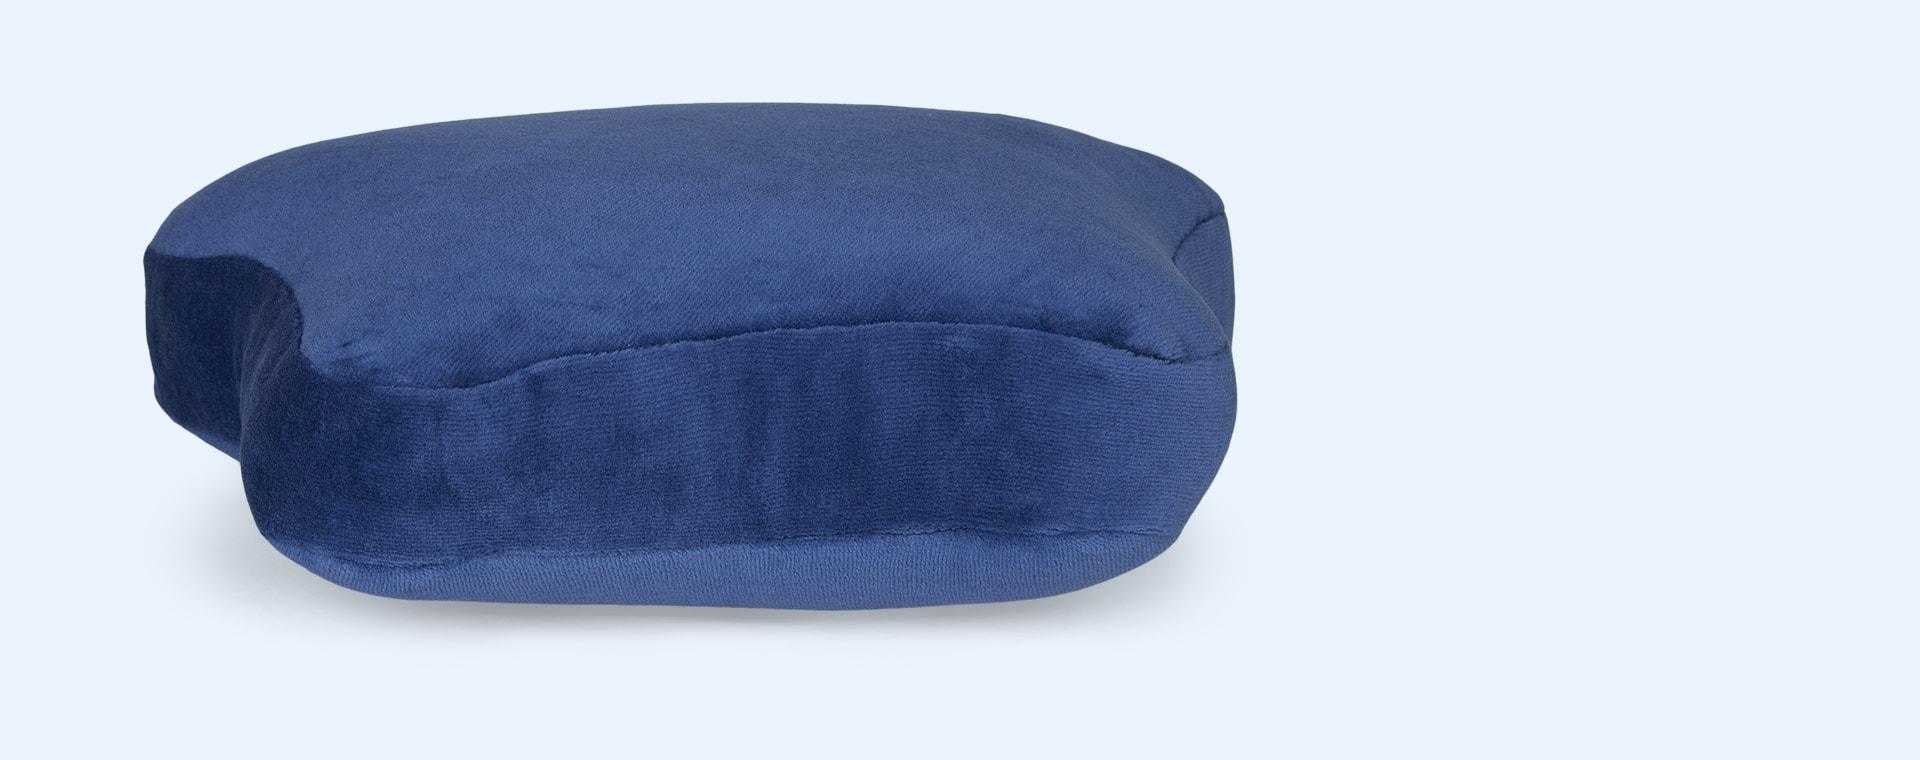 Deep Blue wigiwama Star Cushion